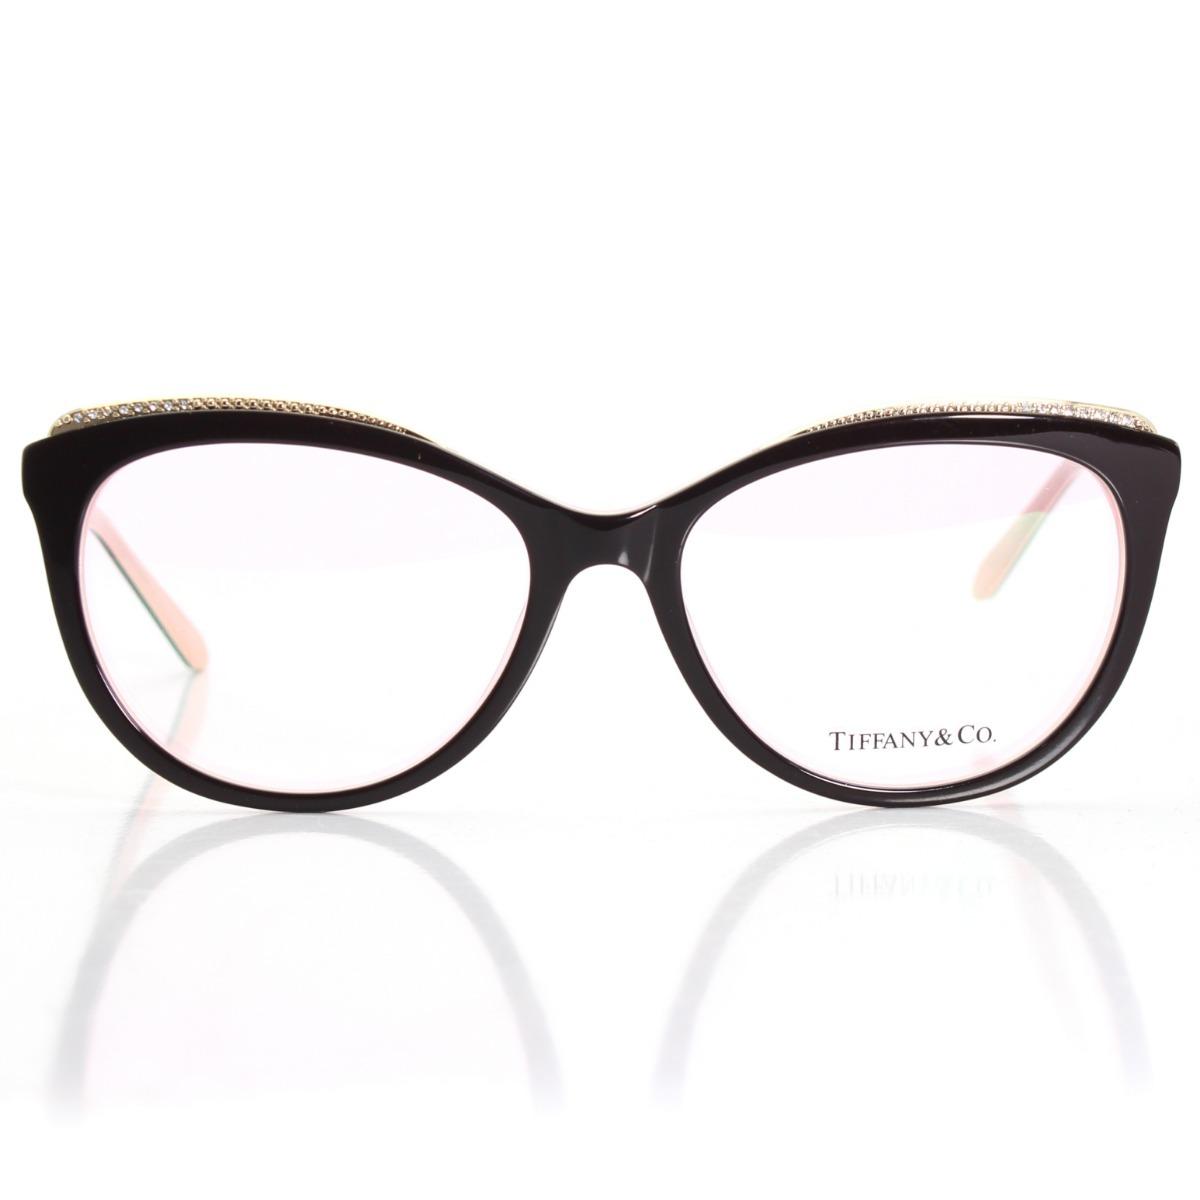 8bd4e5134689f armação de grau - tiffany   co. gatinho - tf2147 oculos. Carregando zoom.